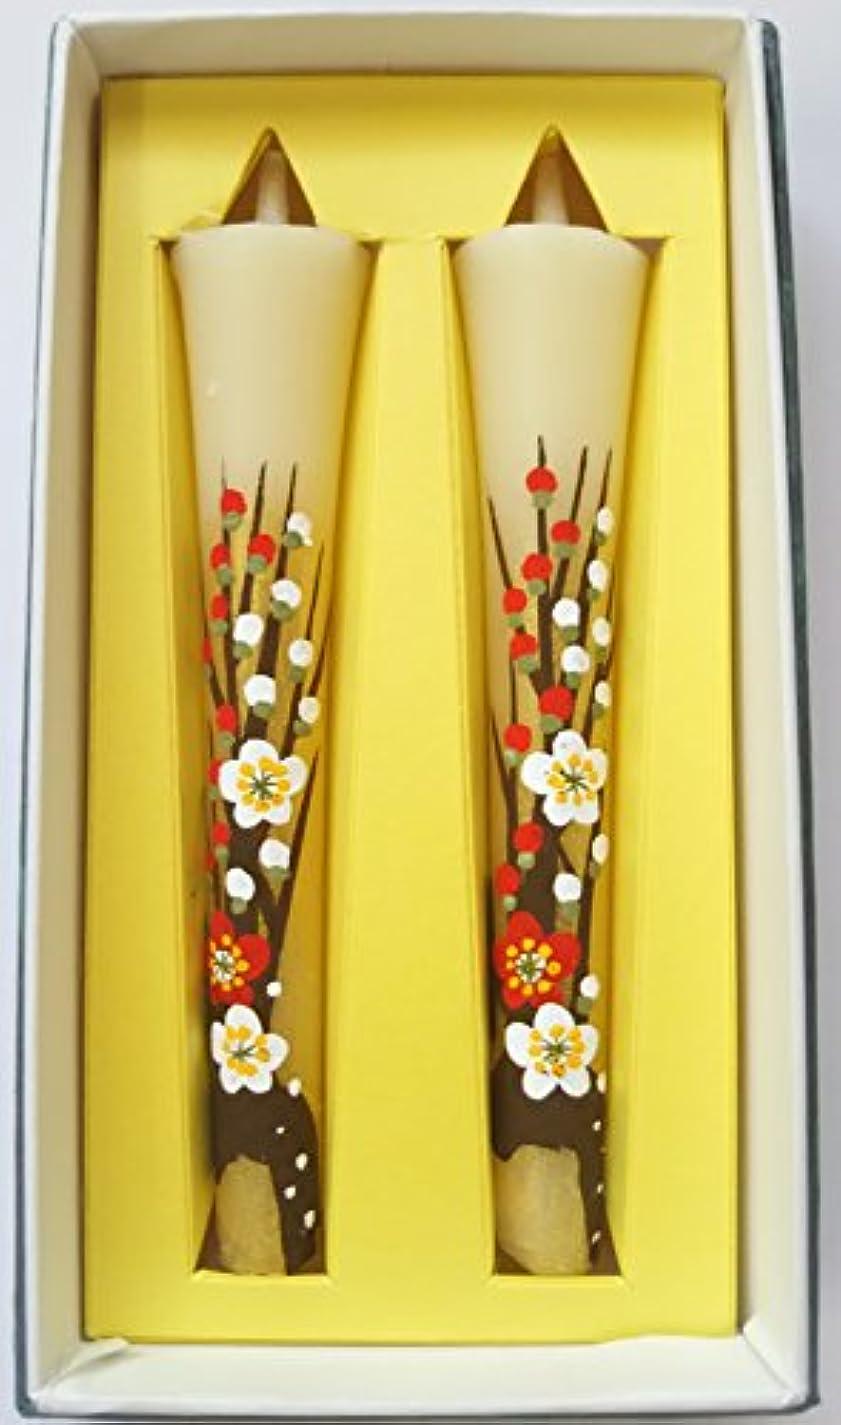 花ろうそく 梅 絵ろうそく ウメ 手書き 2本入り 和ろうそく 日本製品 仏壇用 ギフト 贈り物 #3052